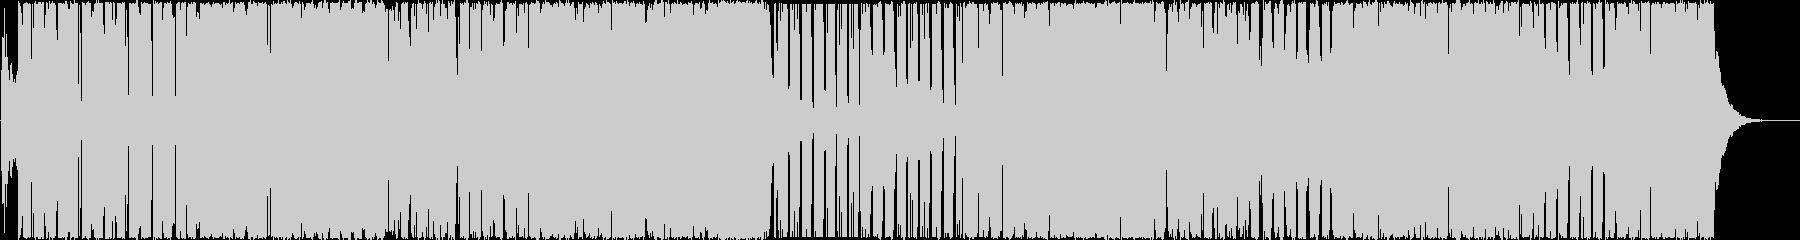 カワイイ-ポップFutureBass♫の未再生の波形